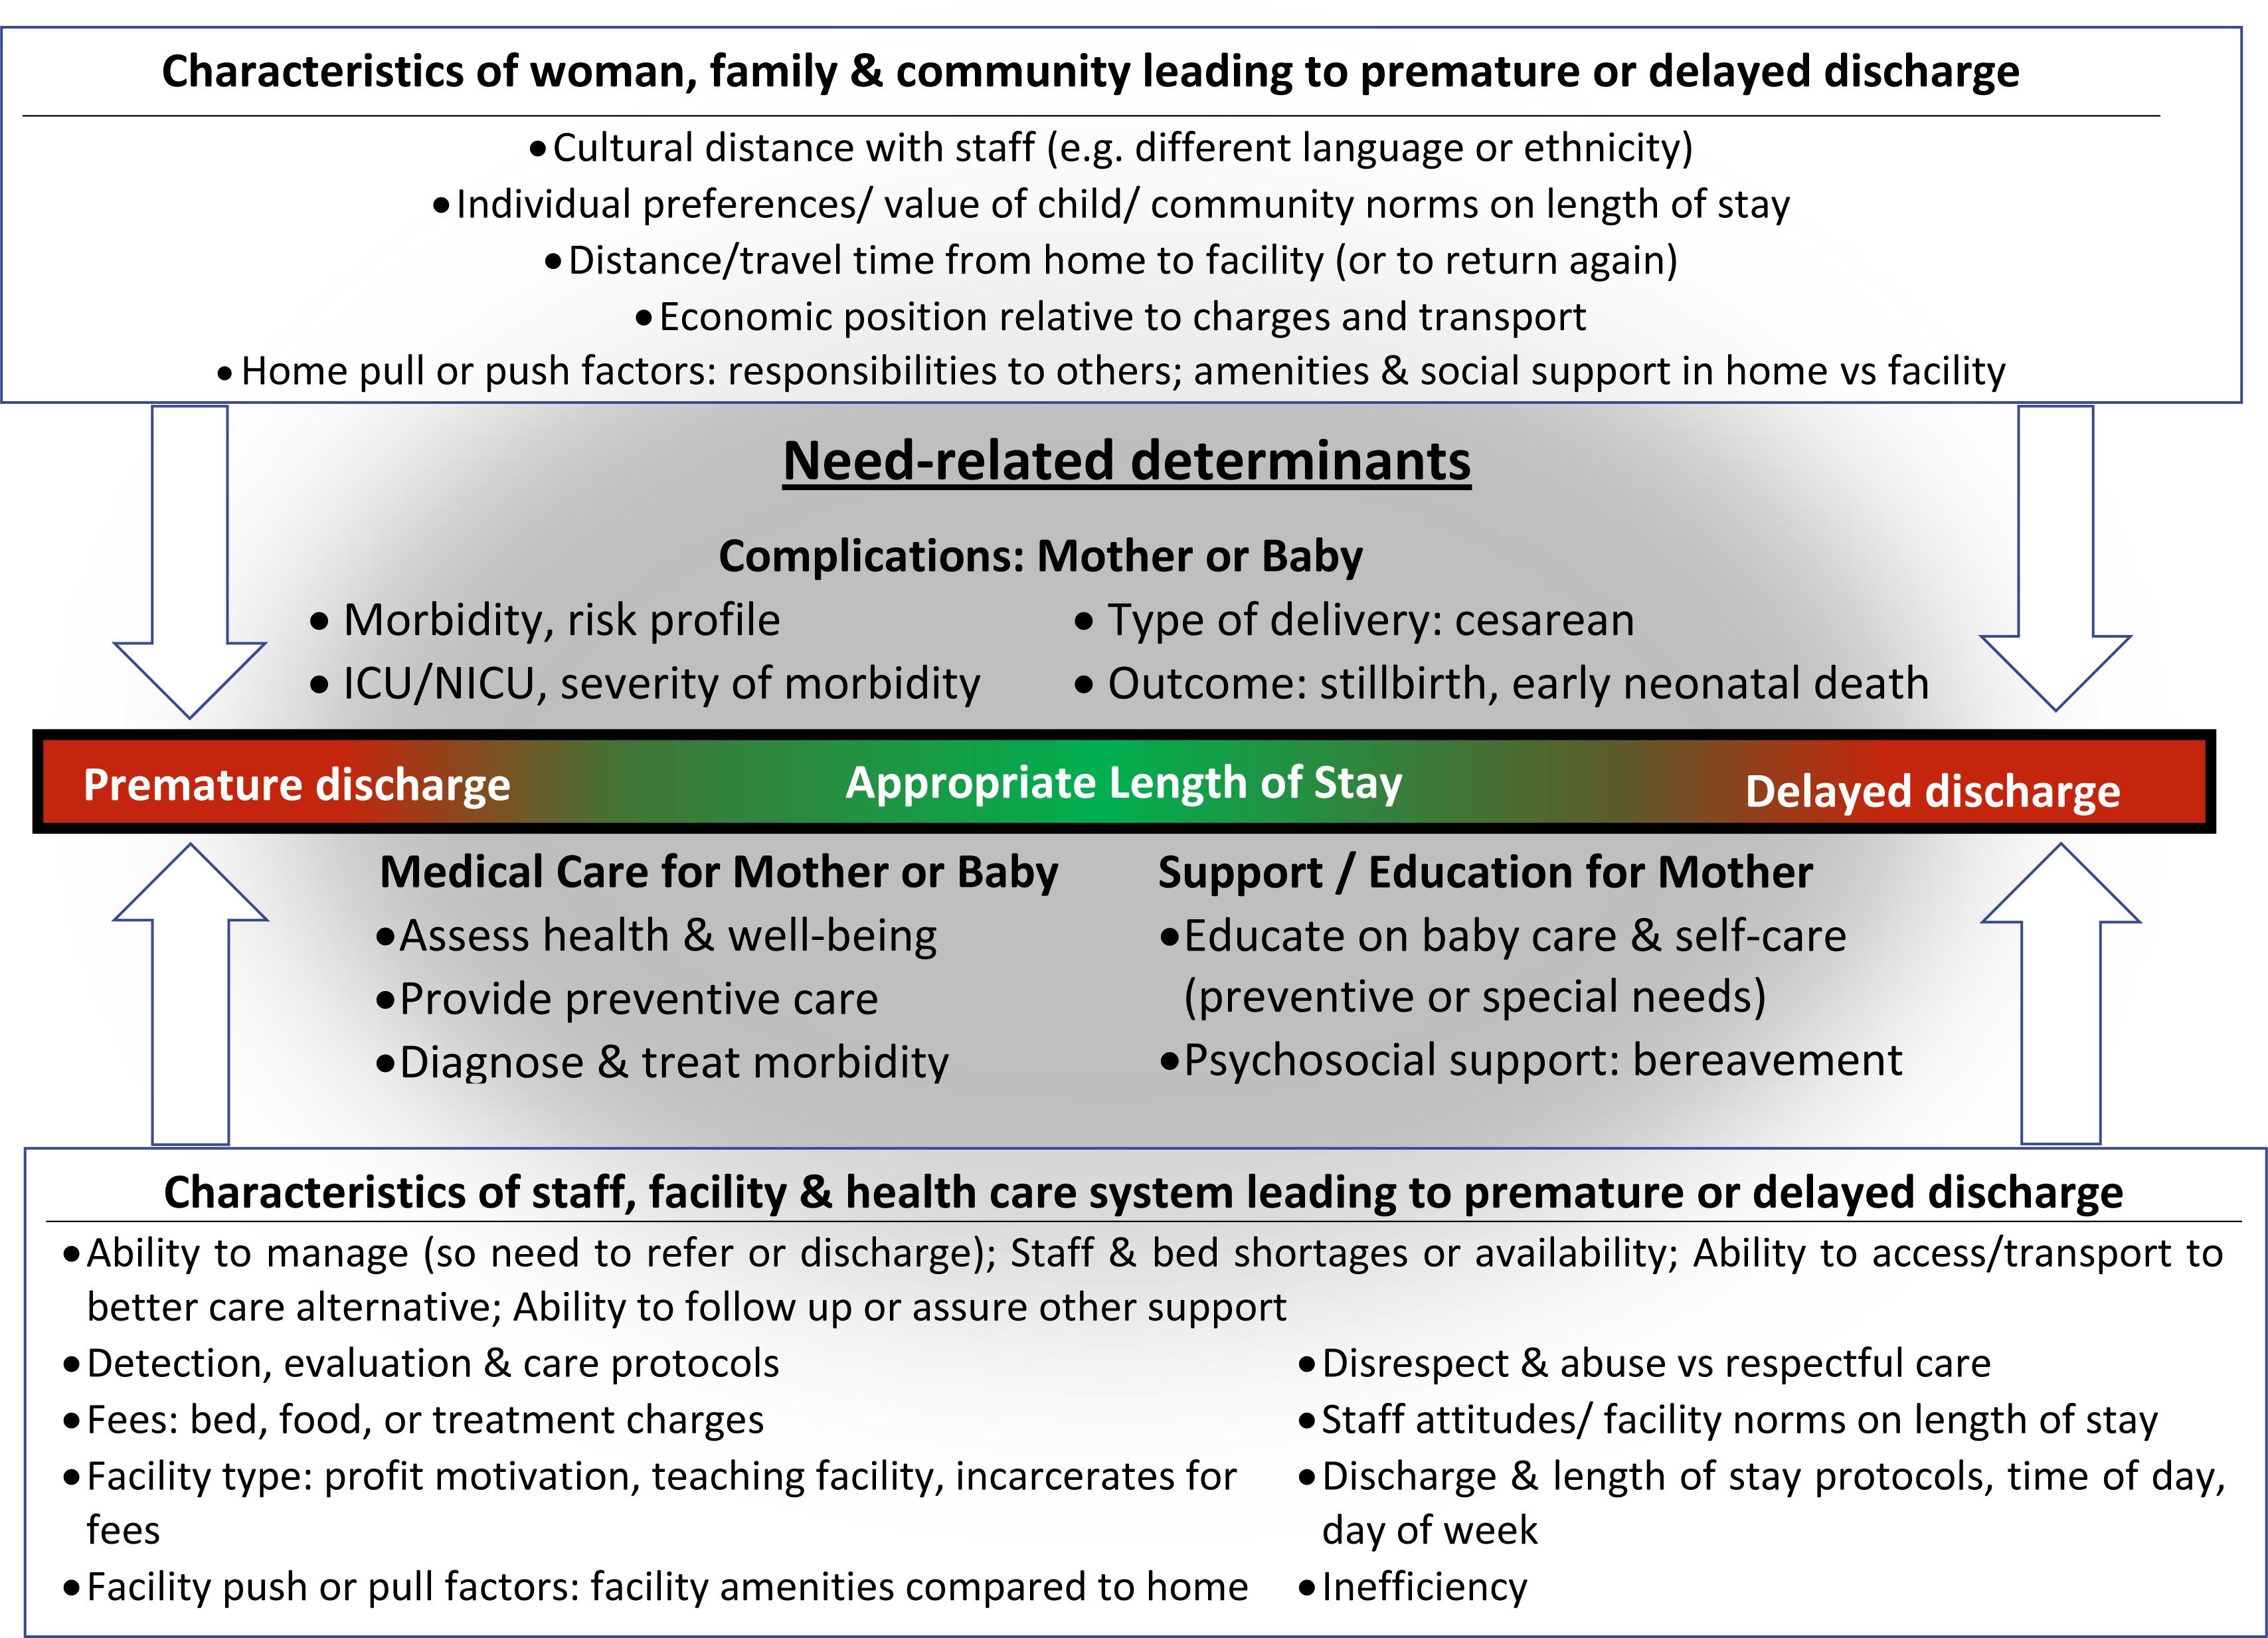 Conceptual framework. ICU, intensive care unit; NICU, neonatal intensive care unit.